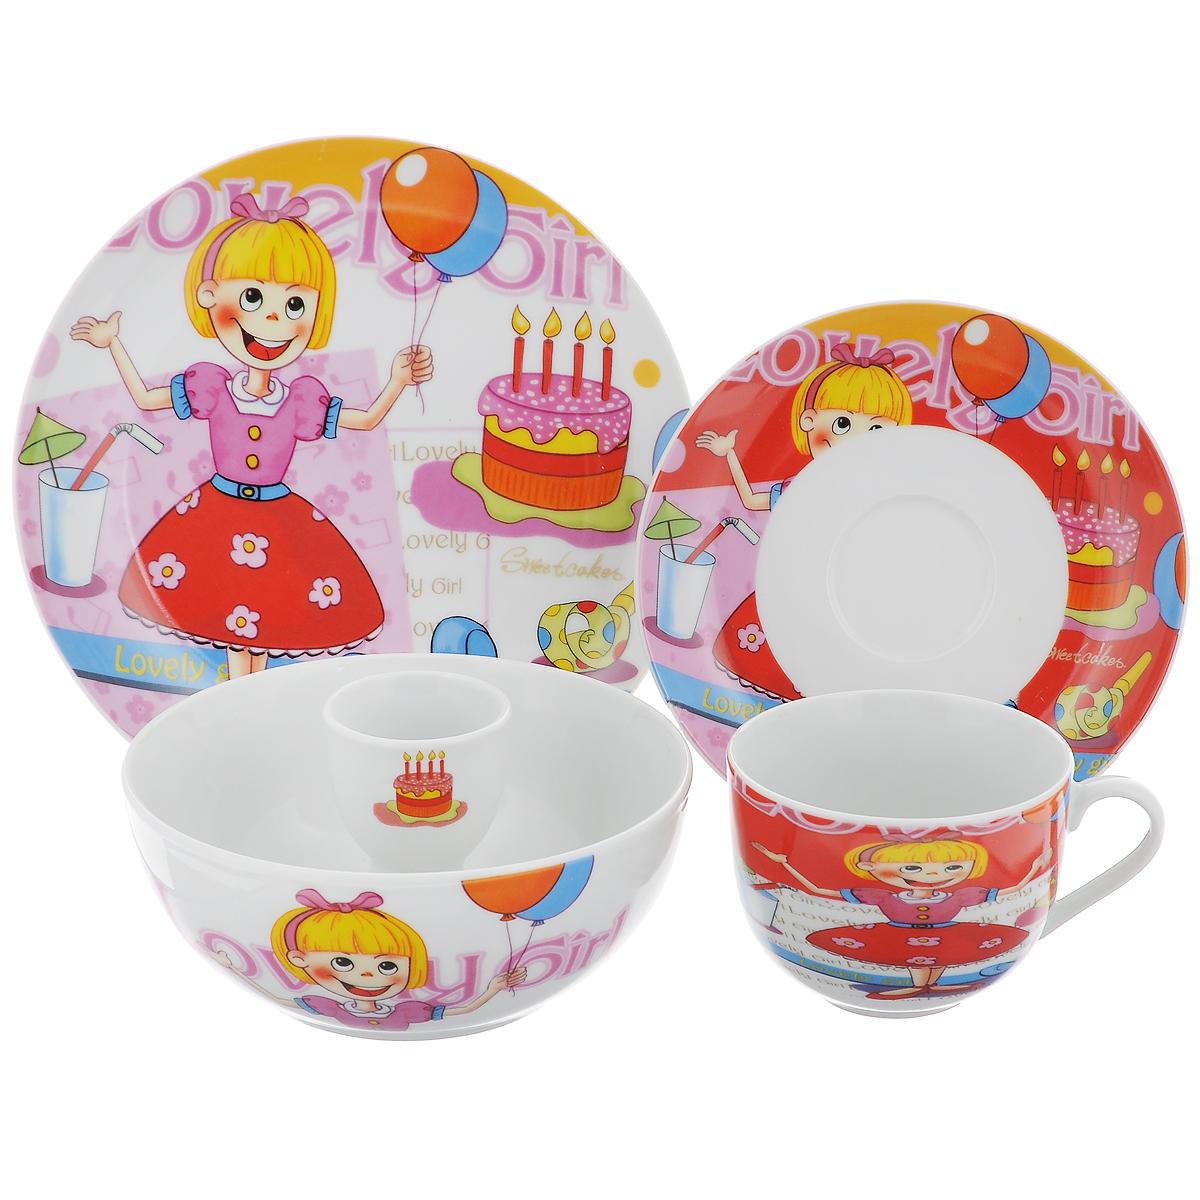 Набор посуды Девочка с шариком, 5 предметовGC09613Набор посуды Девочка с шариком состоит из чашки, блюдца, тарелки, миски и подставки для яйца. Изделия выполнены из высококачественного фарфора, оформленного красочным изображением девочки с шариком и праздничного торта. Набор посуды Девочка с шариком прекрасно подойдет для вашего ребенка. В нем есть вся необходимая посуда для завтраков, обедов и ужинов. Красивый дизайн порадует малыша и превратит прием пищи в веселое занятие. Изделия можно мыть в посудомоечной машине и использовать в микроволновой печи.